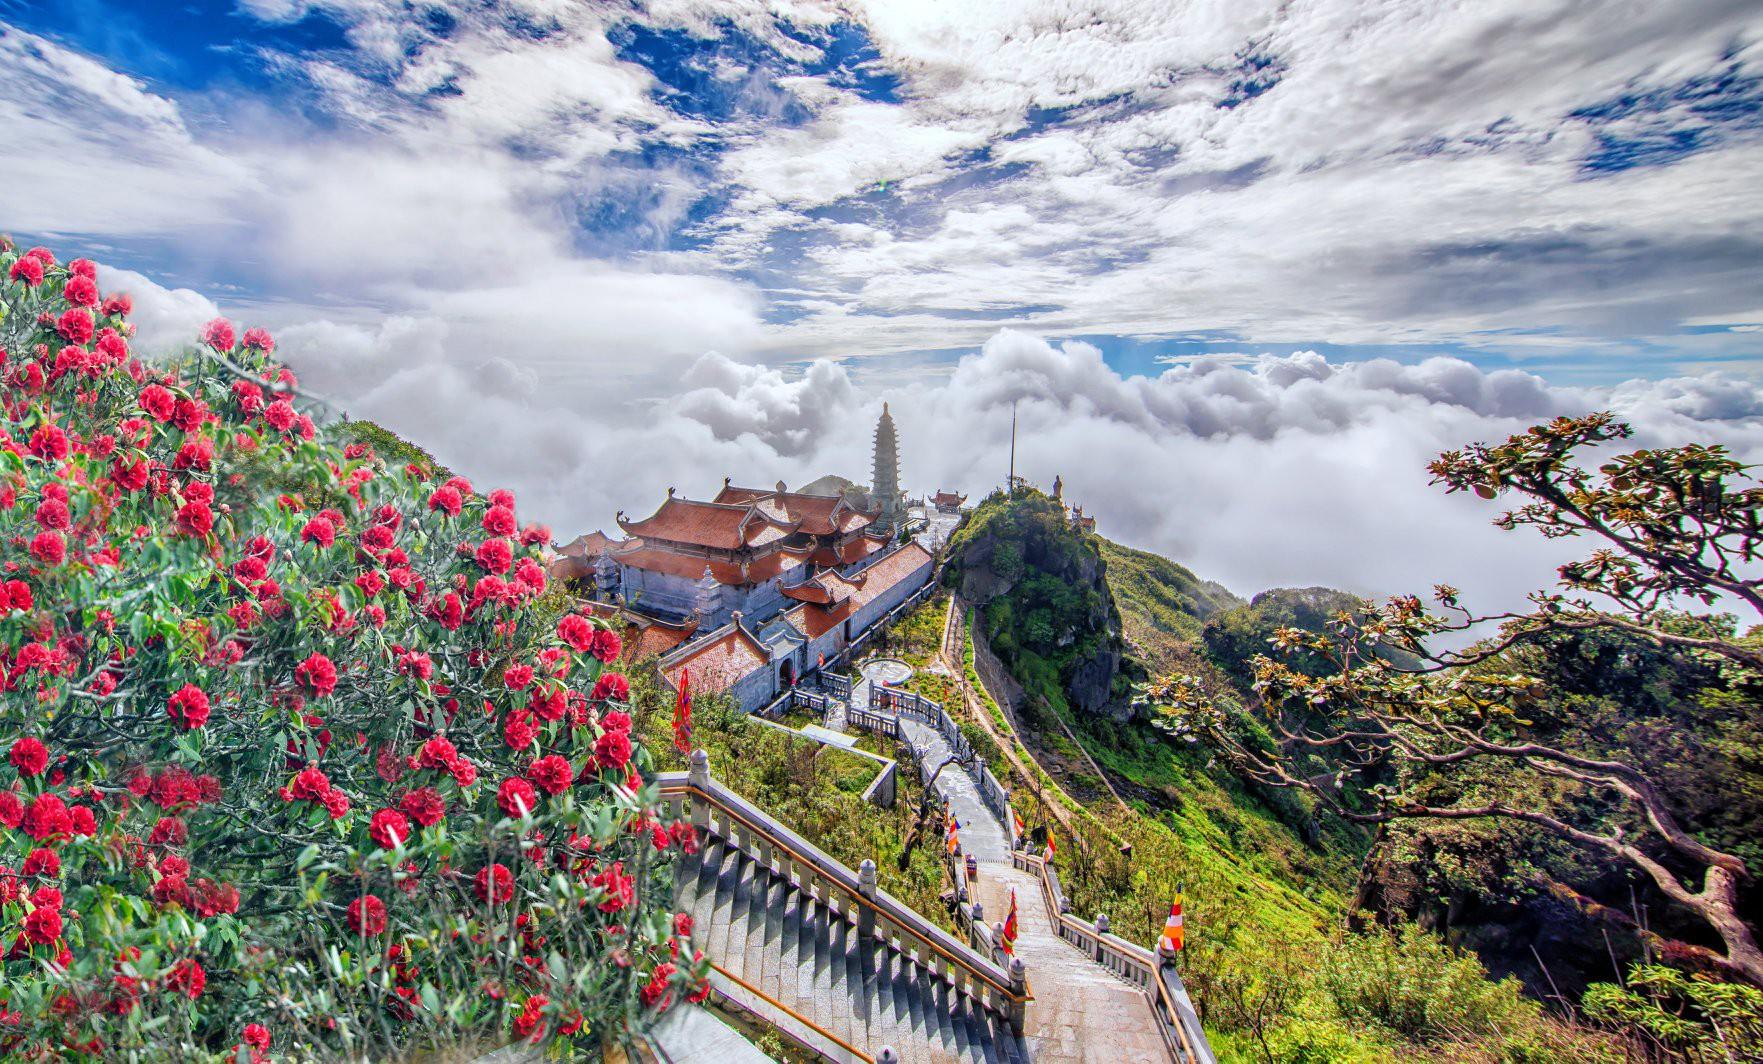 """""""Thêu hoa"""" lên đỉnh trời Hoàng Liên Sơn - Ảnh 1."""